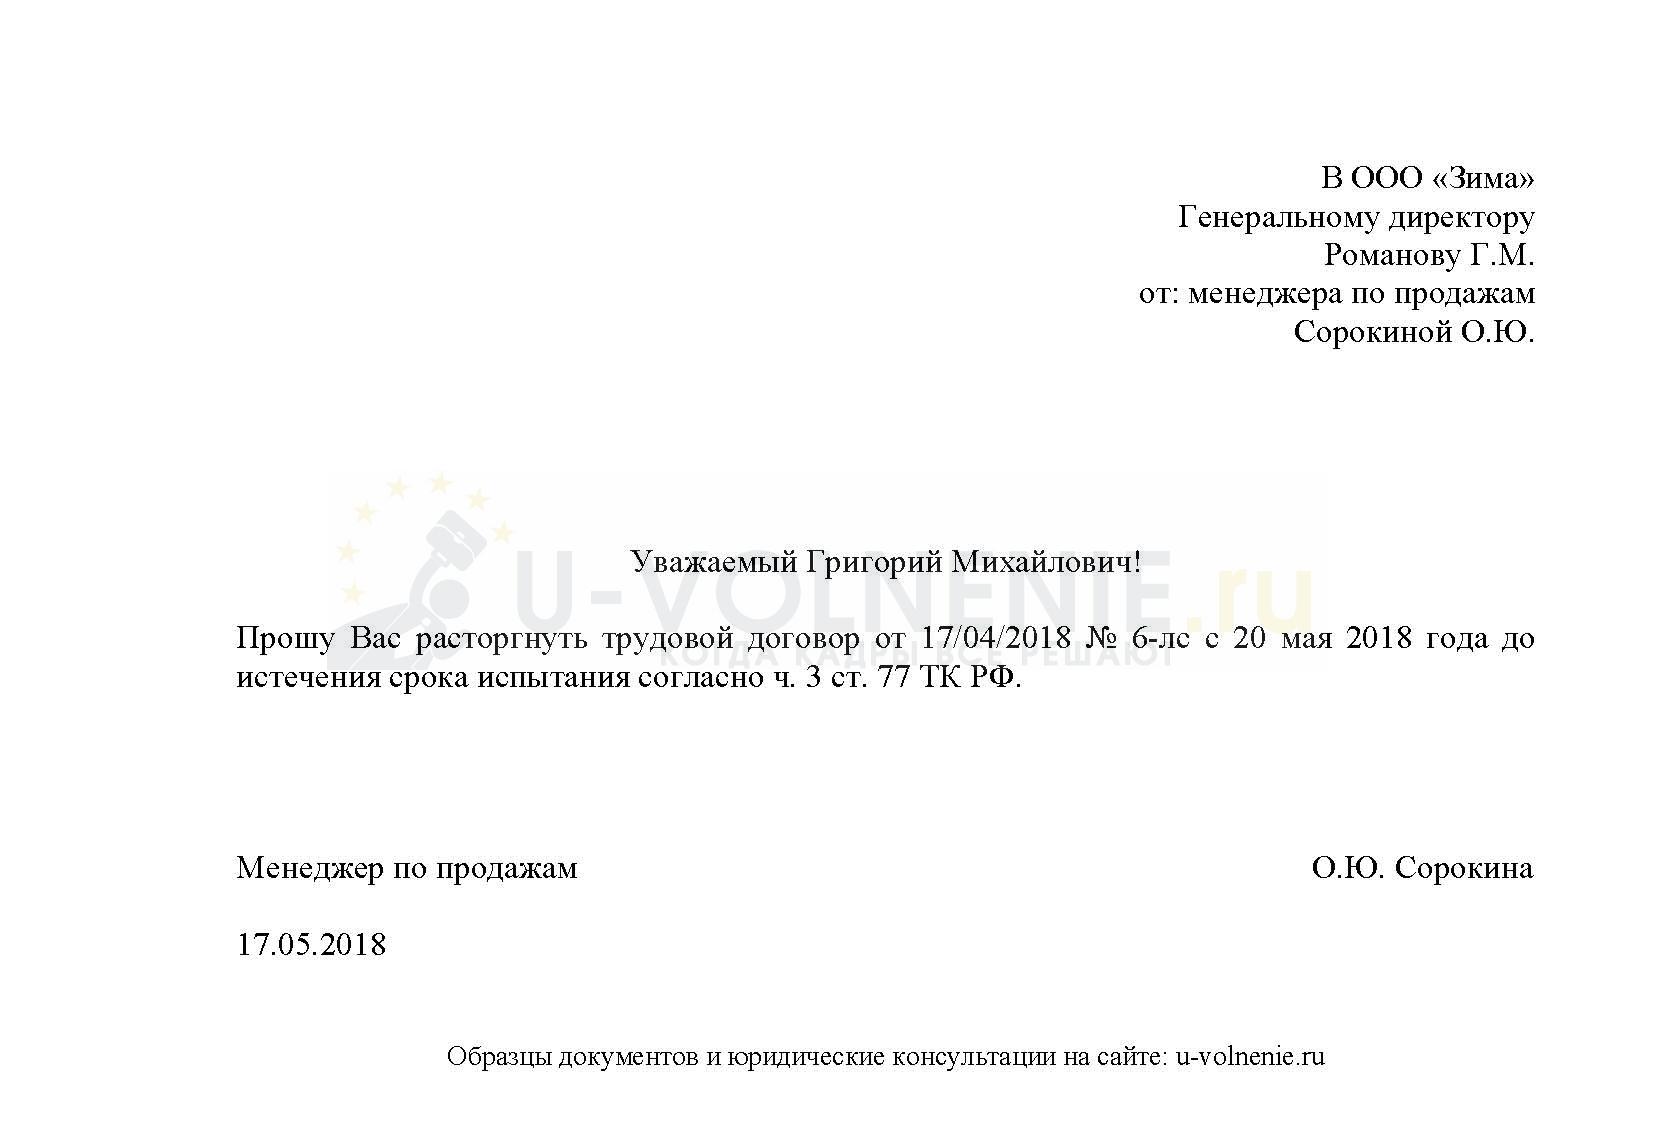 образец заявления на увольнение на испытательном сроке